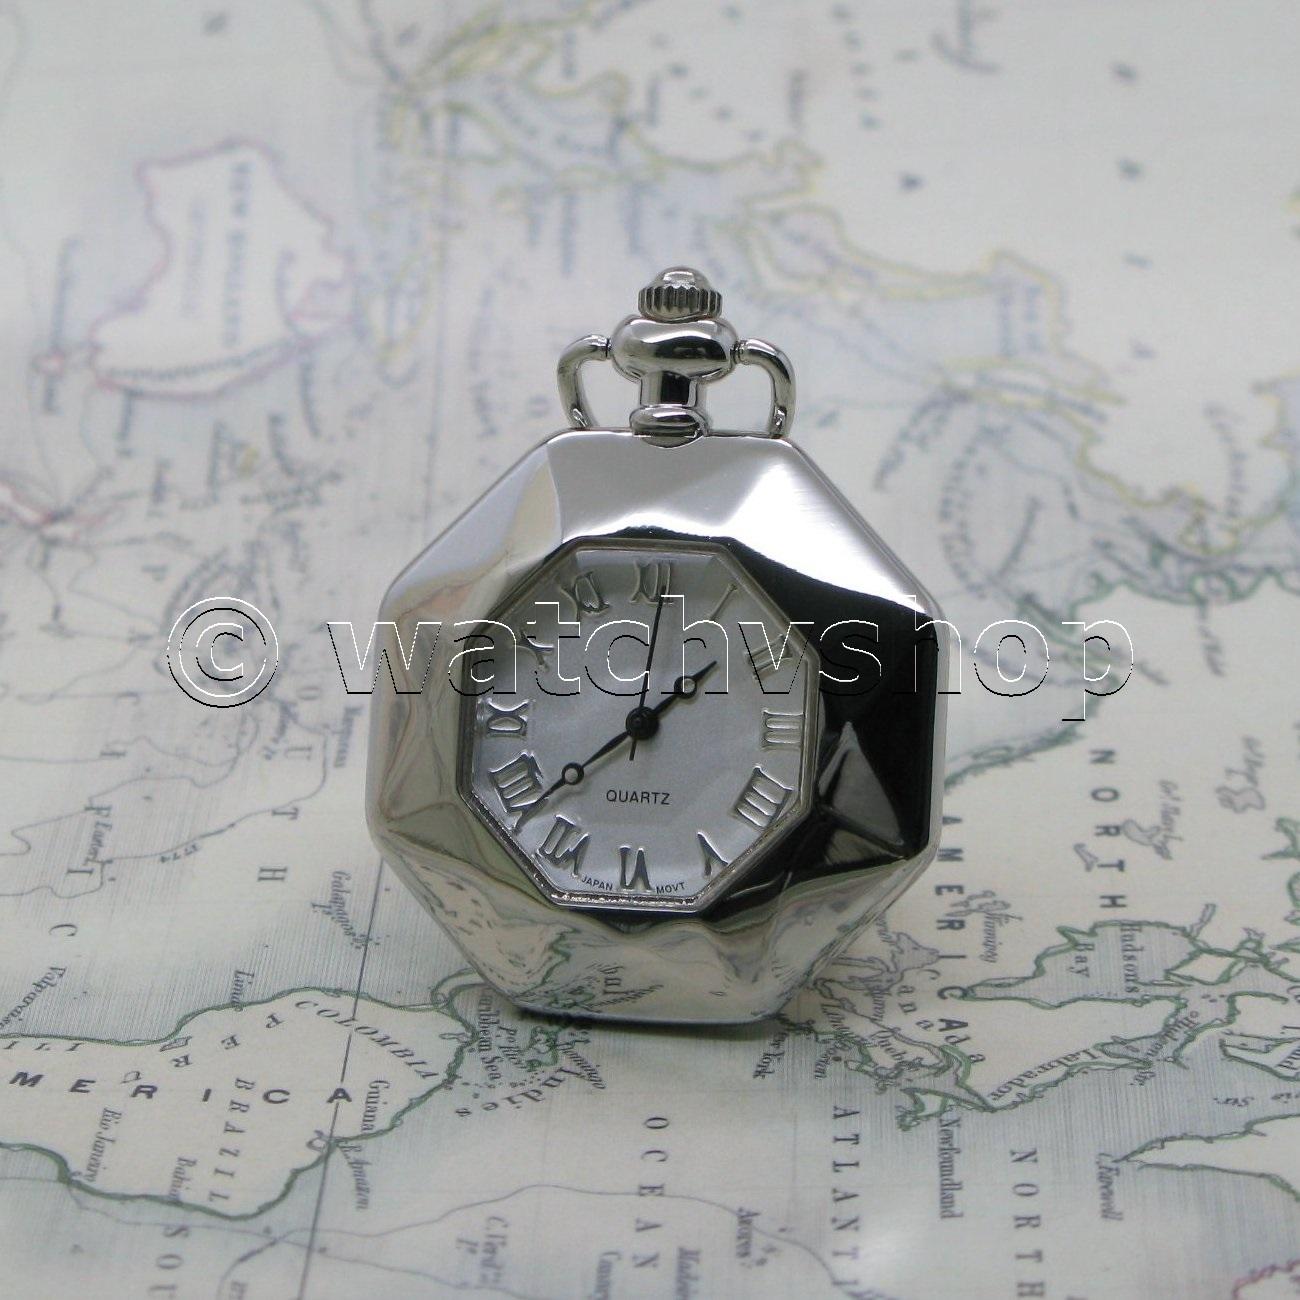 Antique La S Vintage Pocket Pendant Watch Key Chain Necklace T Box L